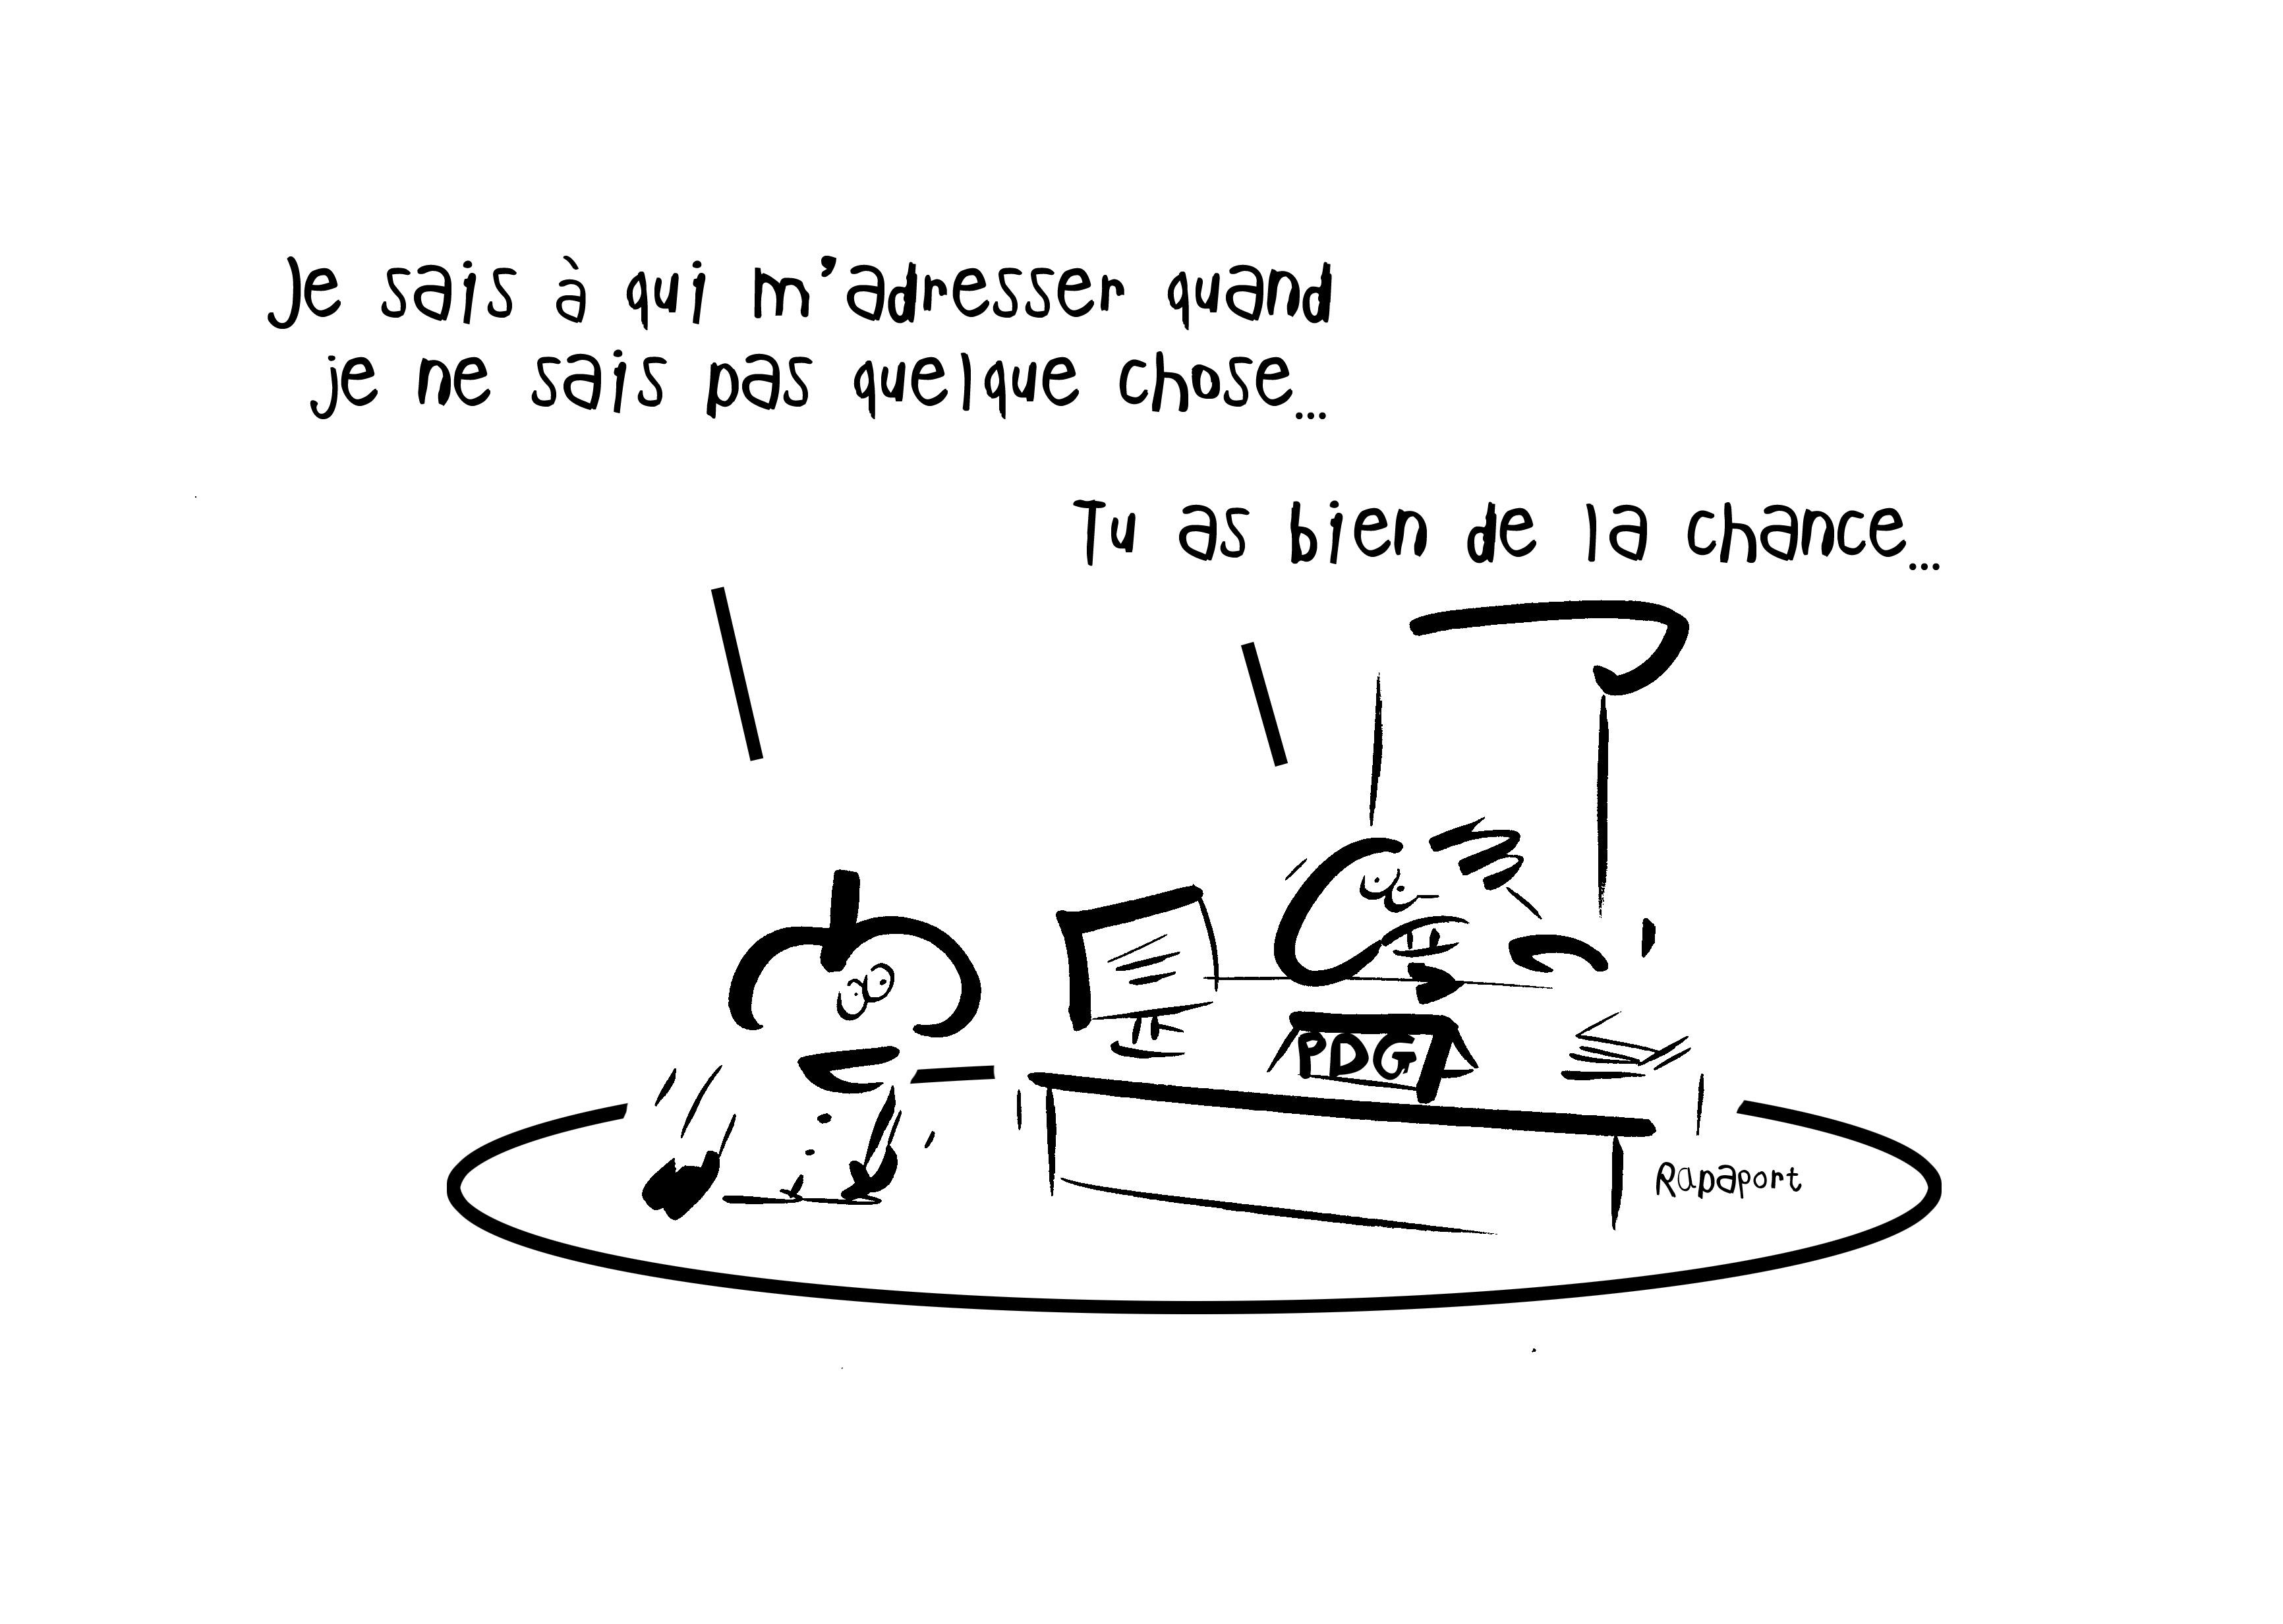 RAPAPORT DESSINS:BAROMÈTRE ENTREPRISE37